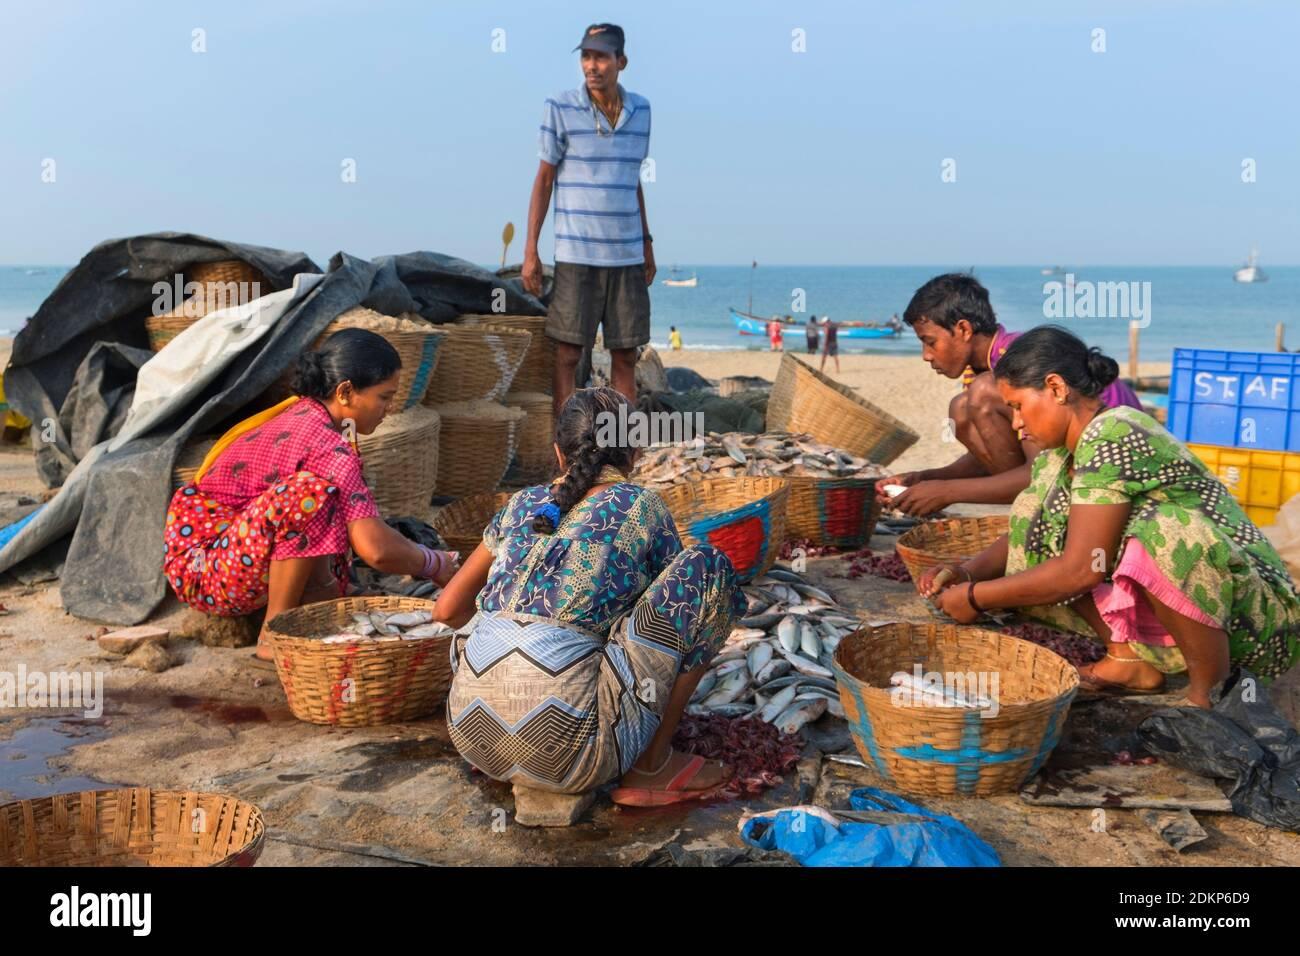 Sortieren fisch Colva Beach Goa Indien Stockfoto